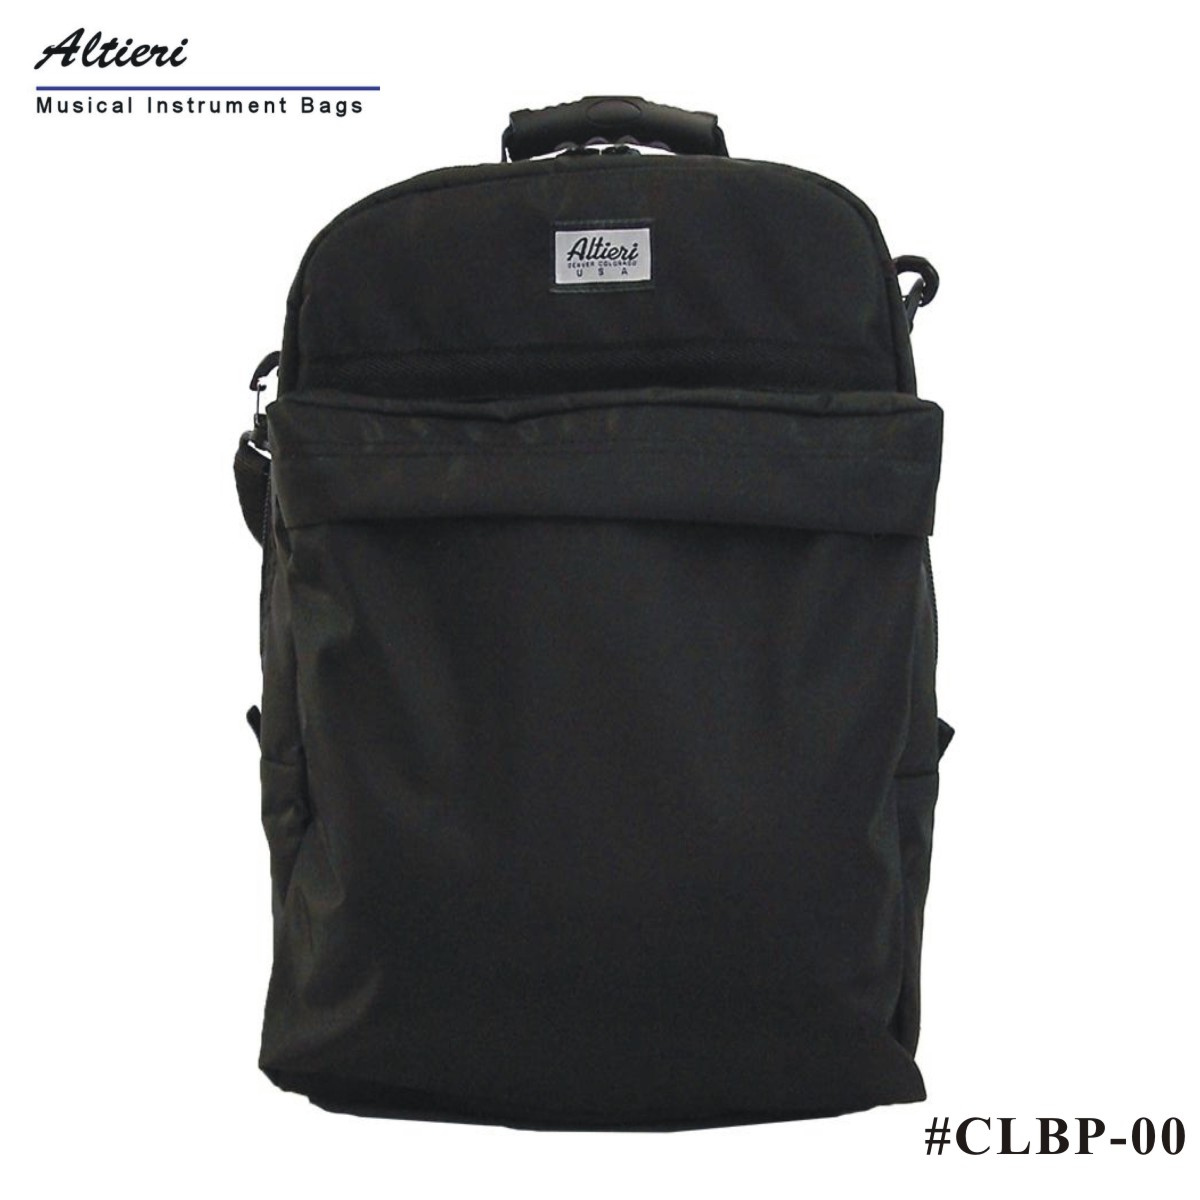 알티에리 가방 Altieri 클라리넷 랩탑 백팩 - 블랙